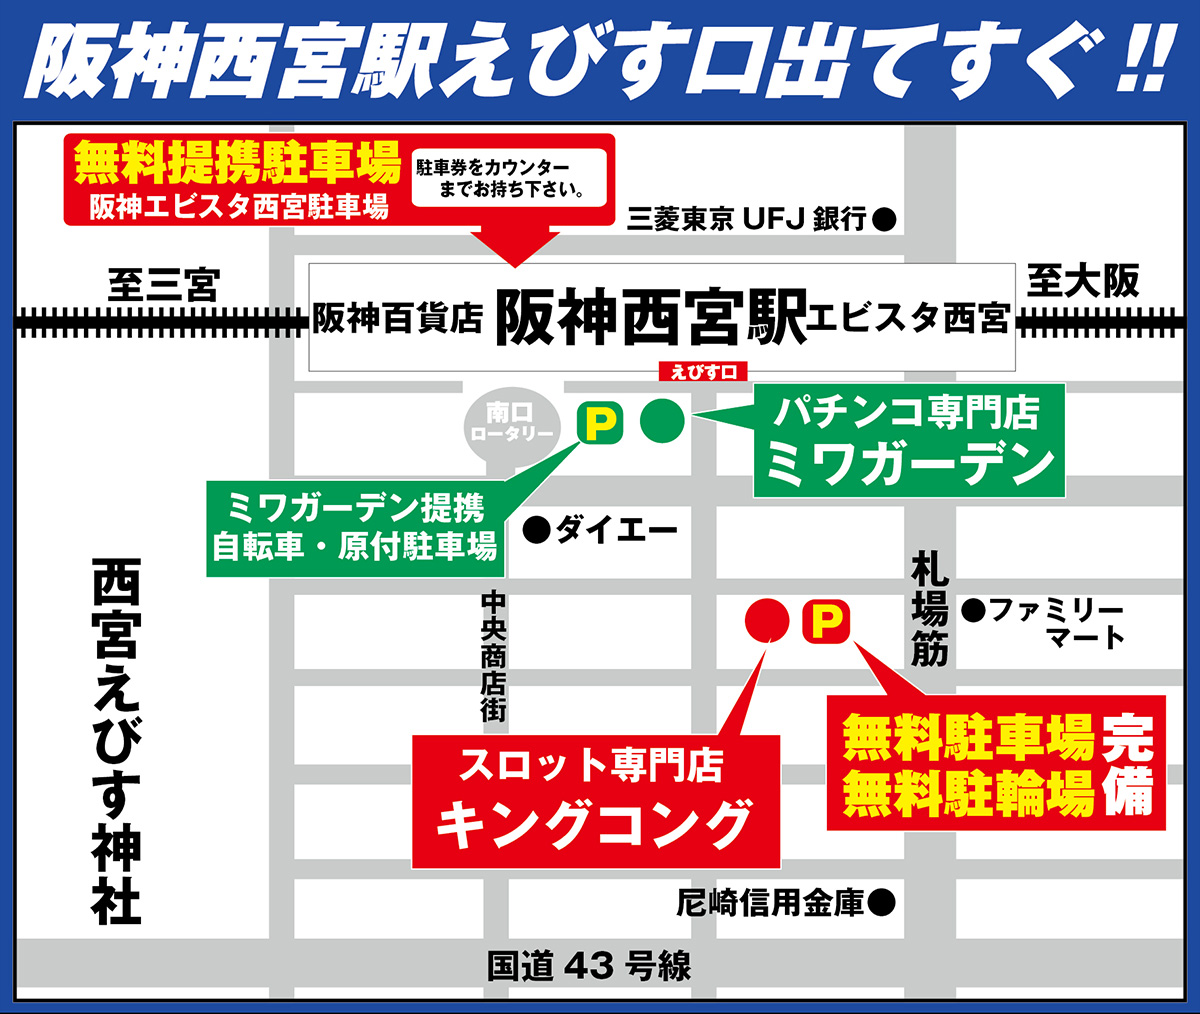 今津西宮北口さくら夙川香露園優良店0611